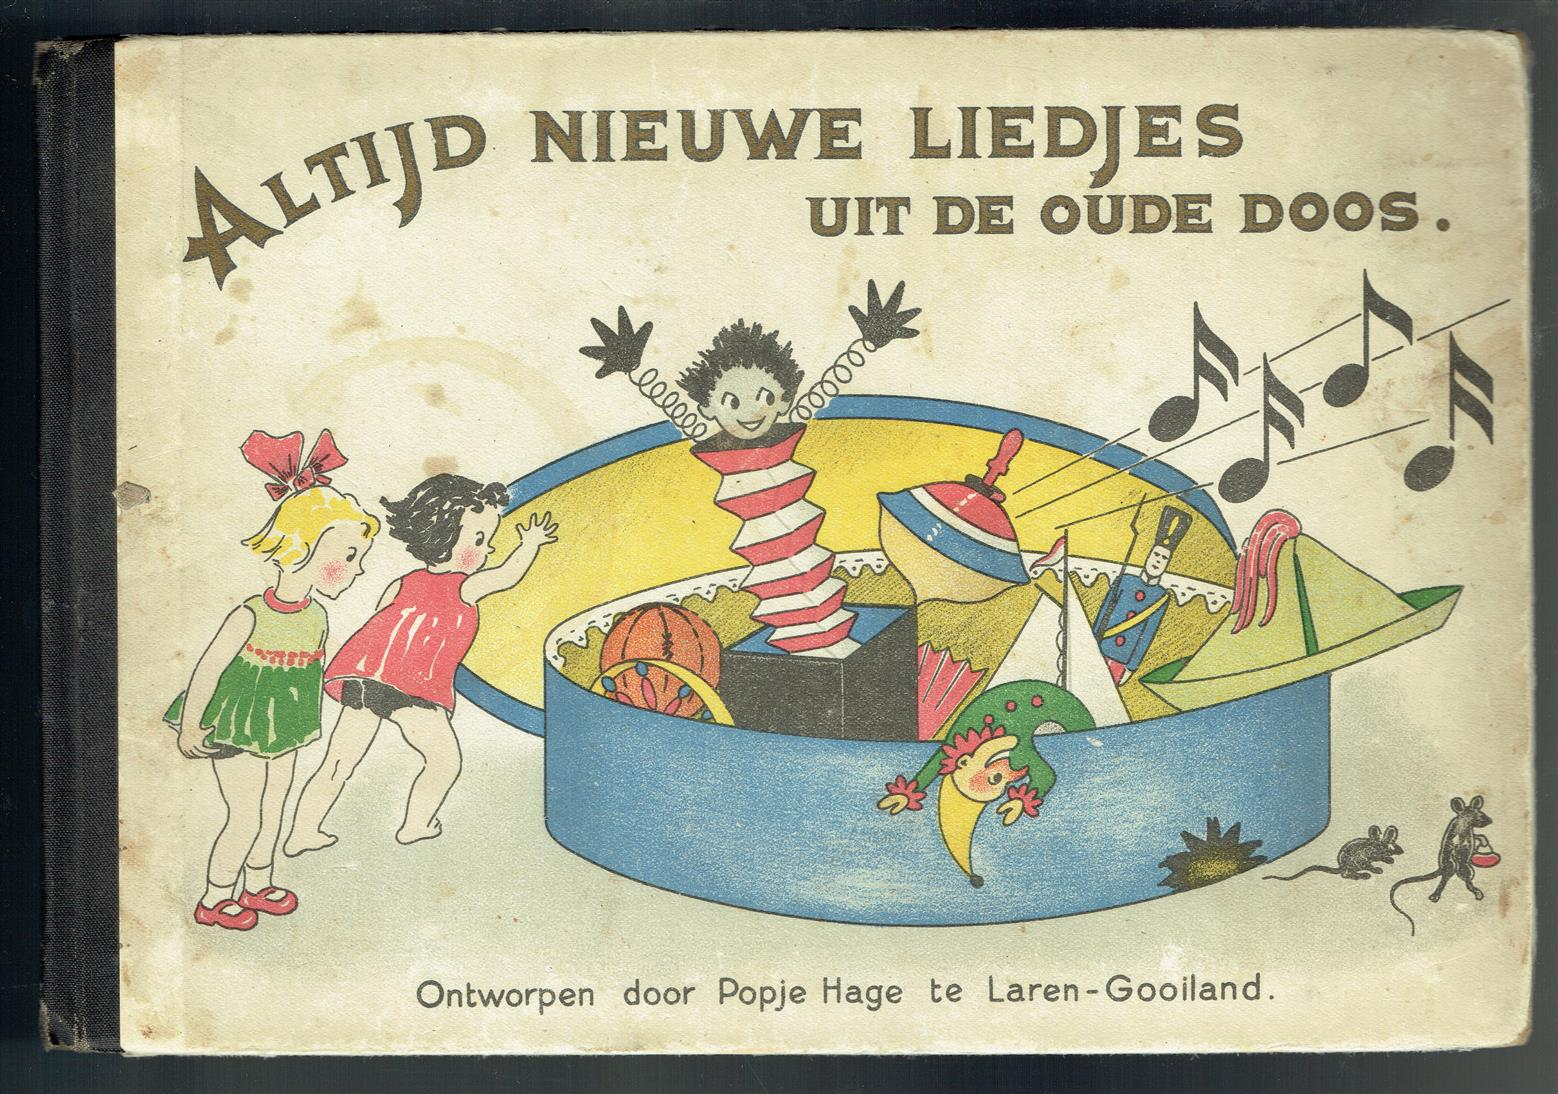 Altijd nieuwe liedjes uit de oude doos